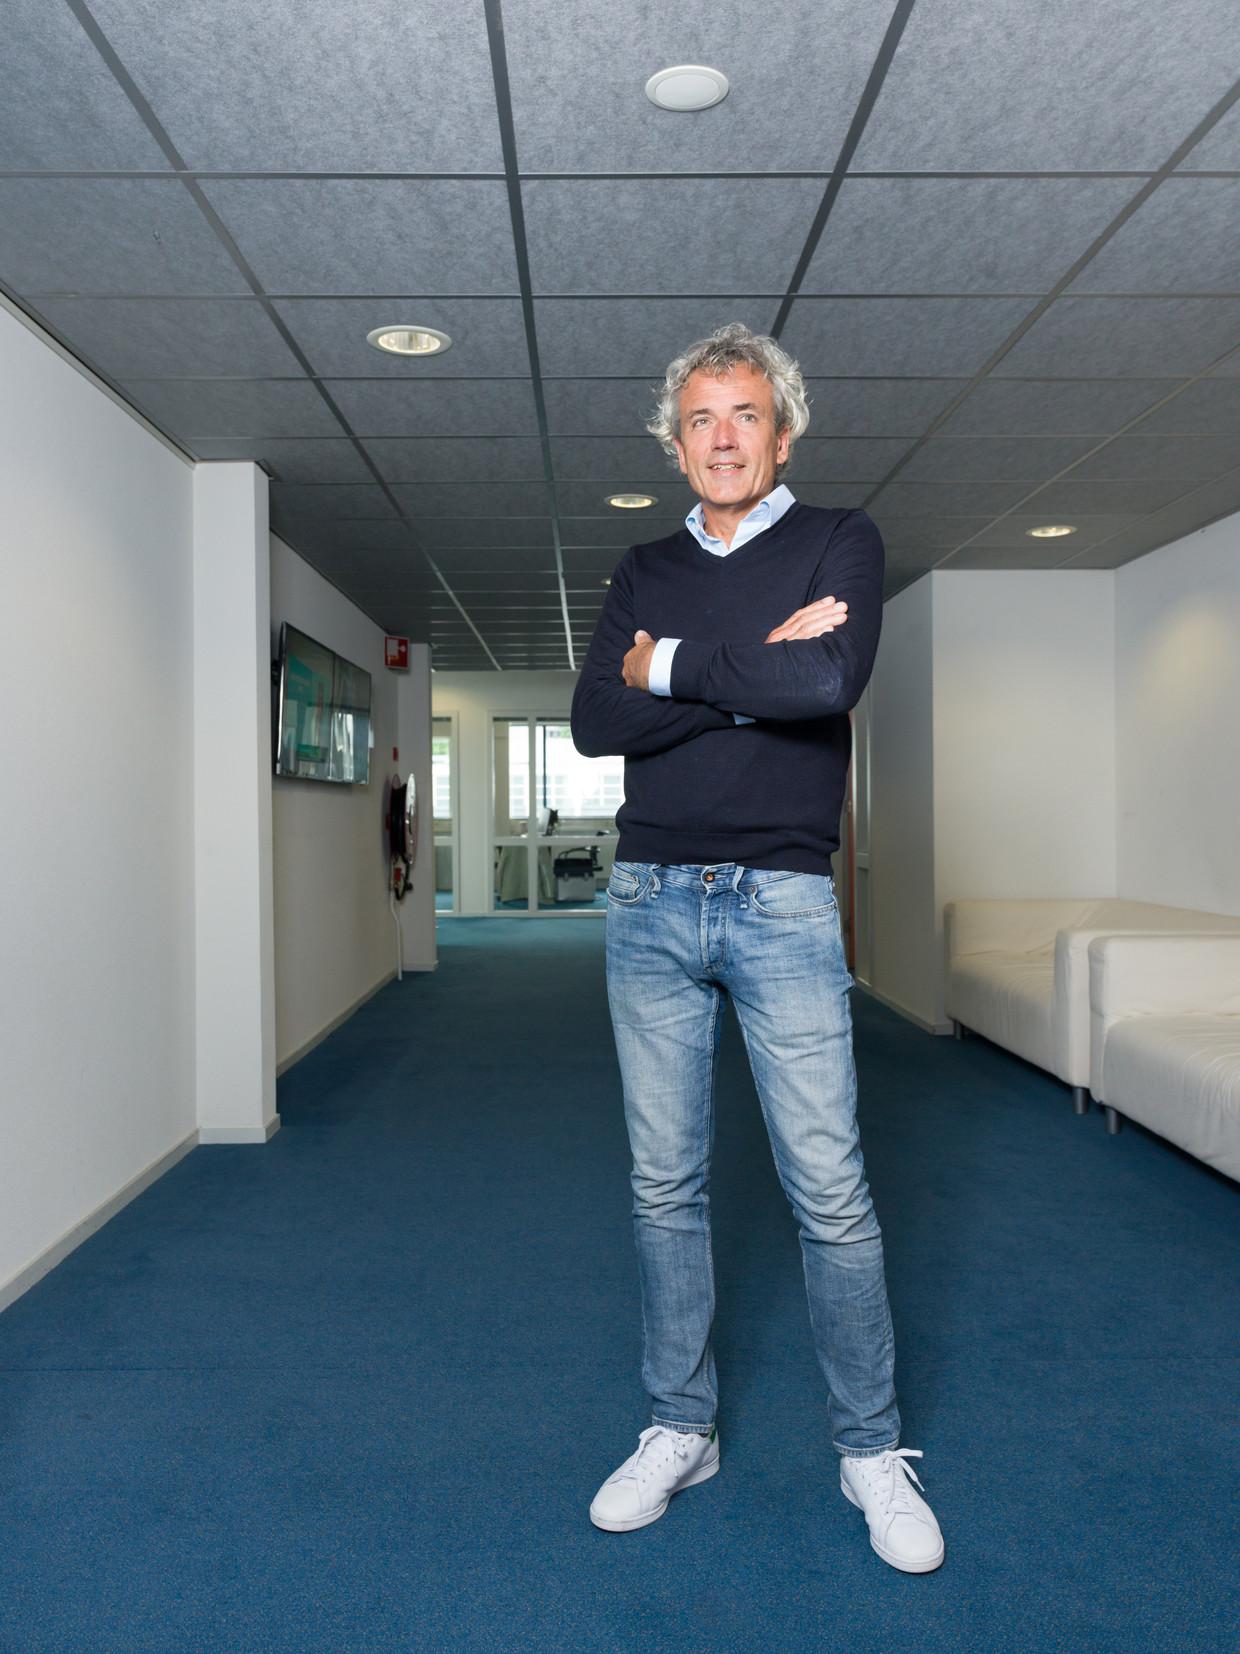 AT5-directeur Alphons Martens: 'Ik verwijt mezelf dat ik niet zichtbaarder ben geweest.' Beeld Ivo van der Bent